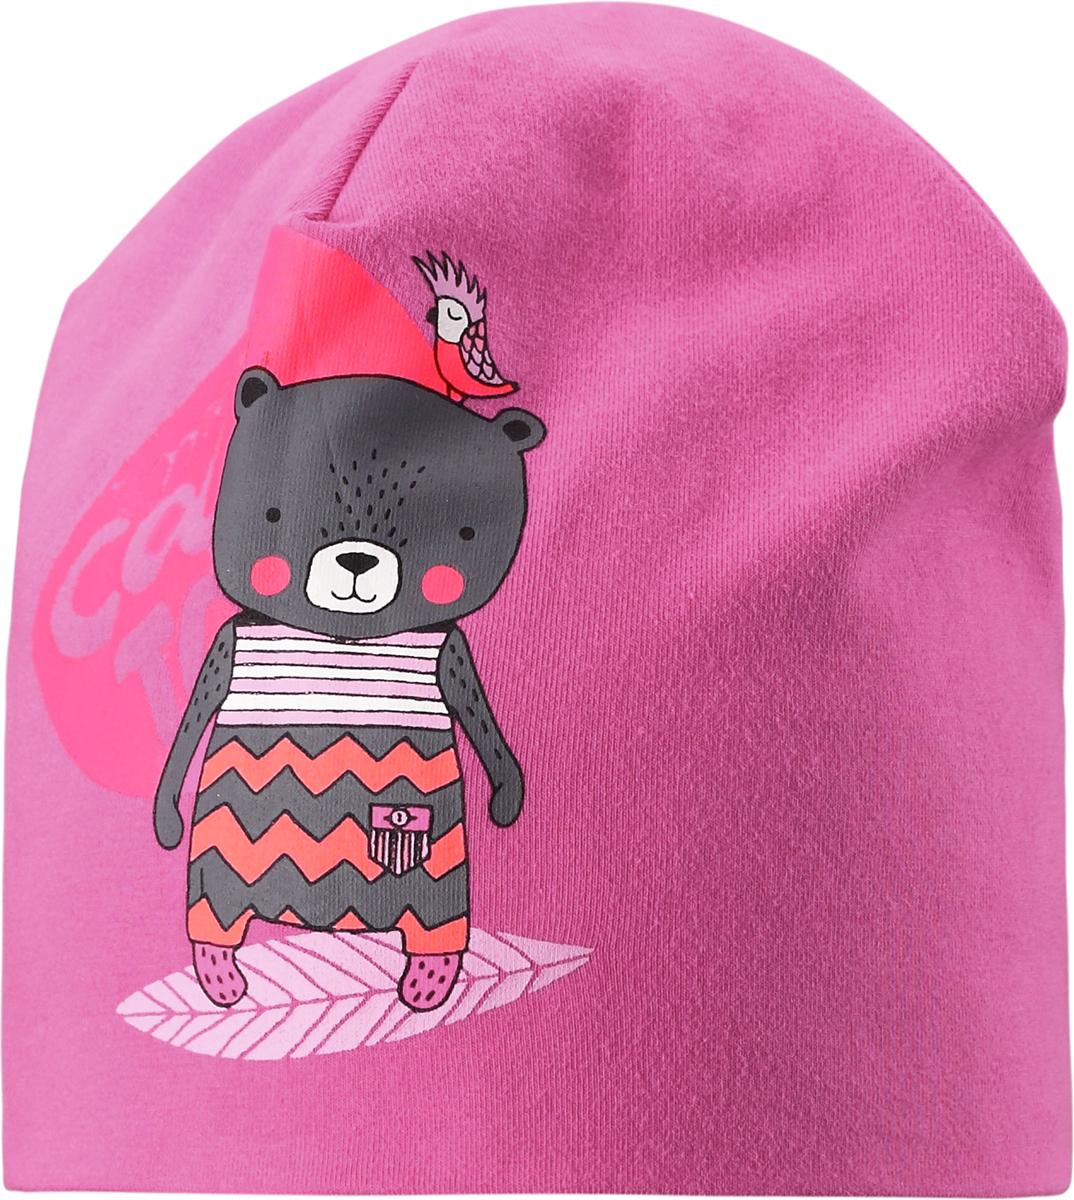 Шапка для девочки Lassie, цвет: розовый. 7187394400. Размер 46/487187394400Классная шапка для девочки на прохладную погоду! В качестве материала для верха и подкладки использован гладкий и удивительно мягкий на ощупь хлопковый джерси.